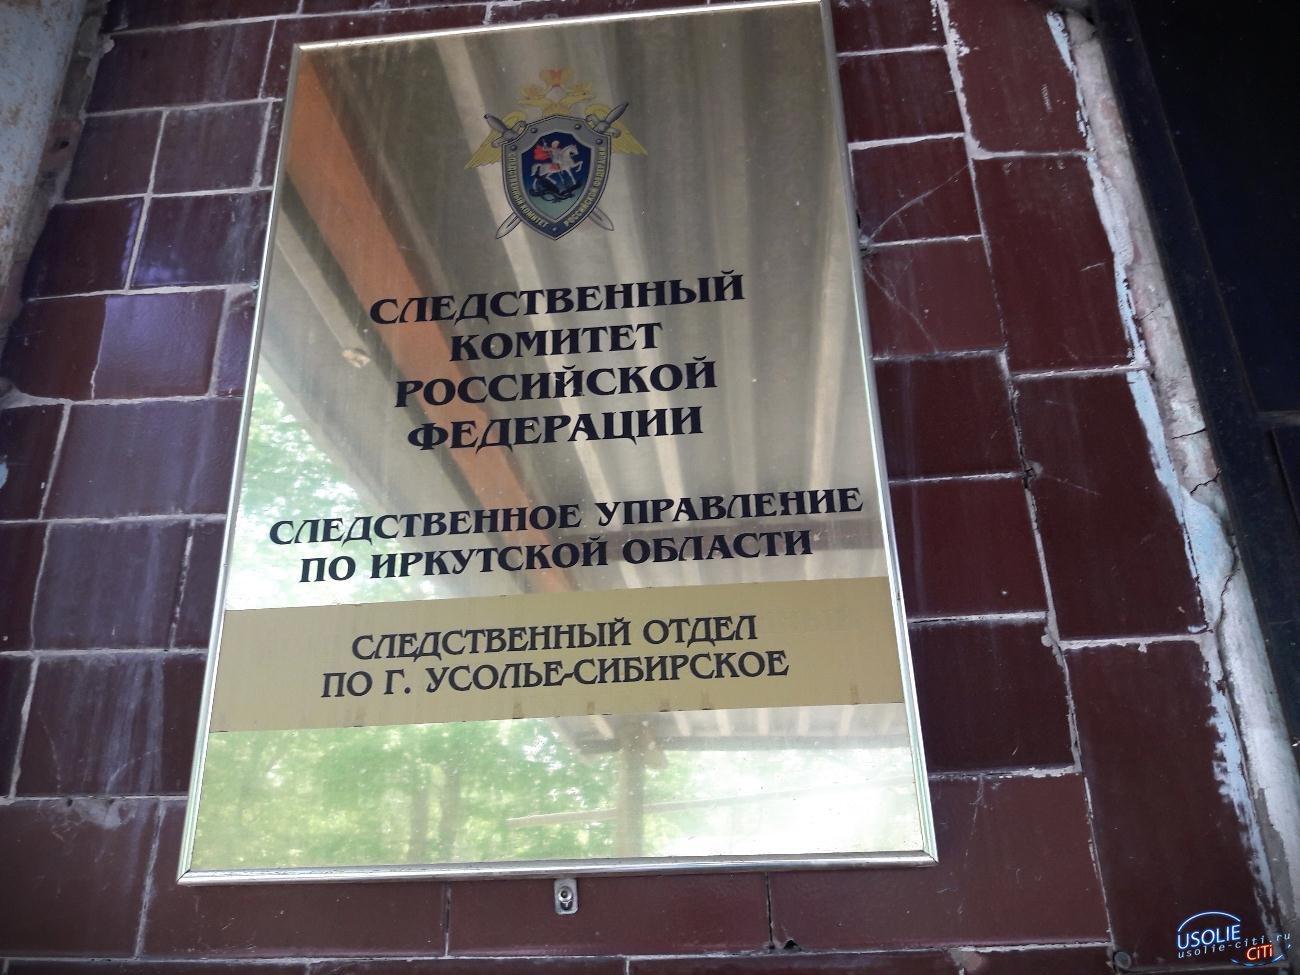 В Усолье двоих подростков осудили за грабеж, вымогательство и хранение оружия